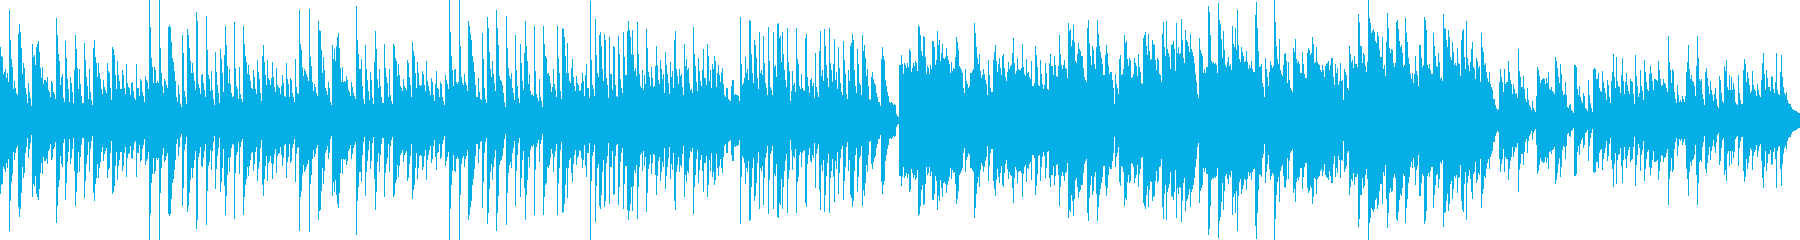 穏やかな町の癒しBGM(ループ版)の再生済みの波形